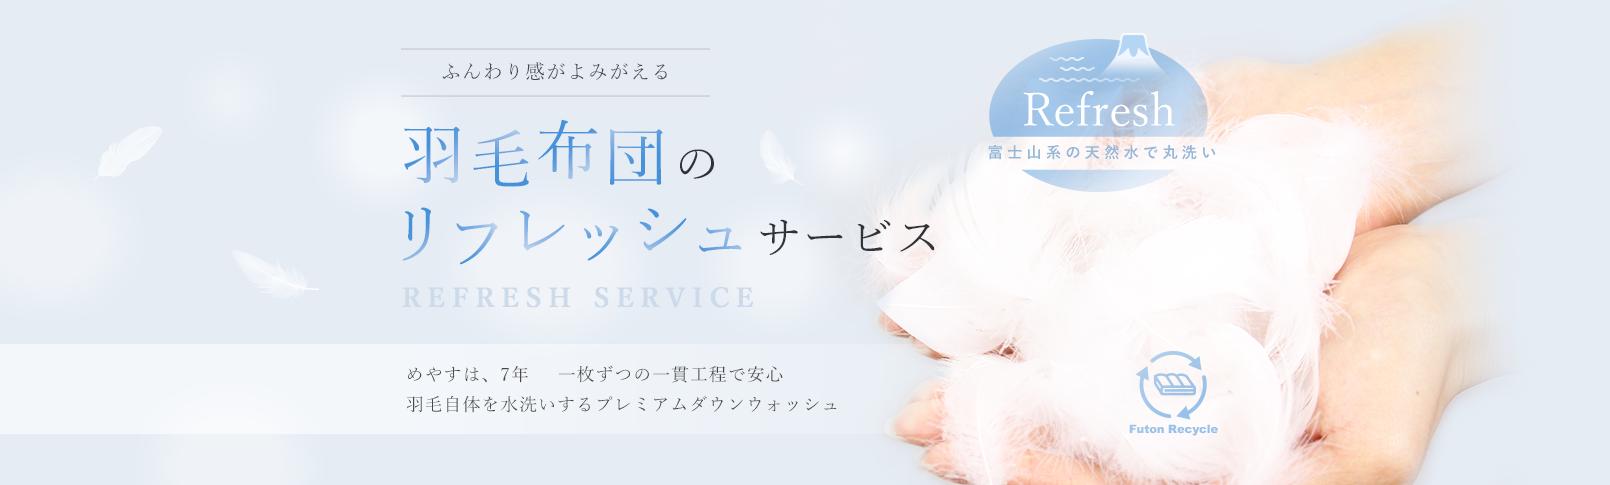 羽毛布団のリフレッシュサービス